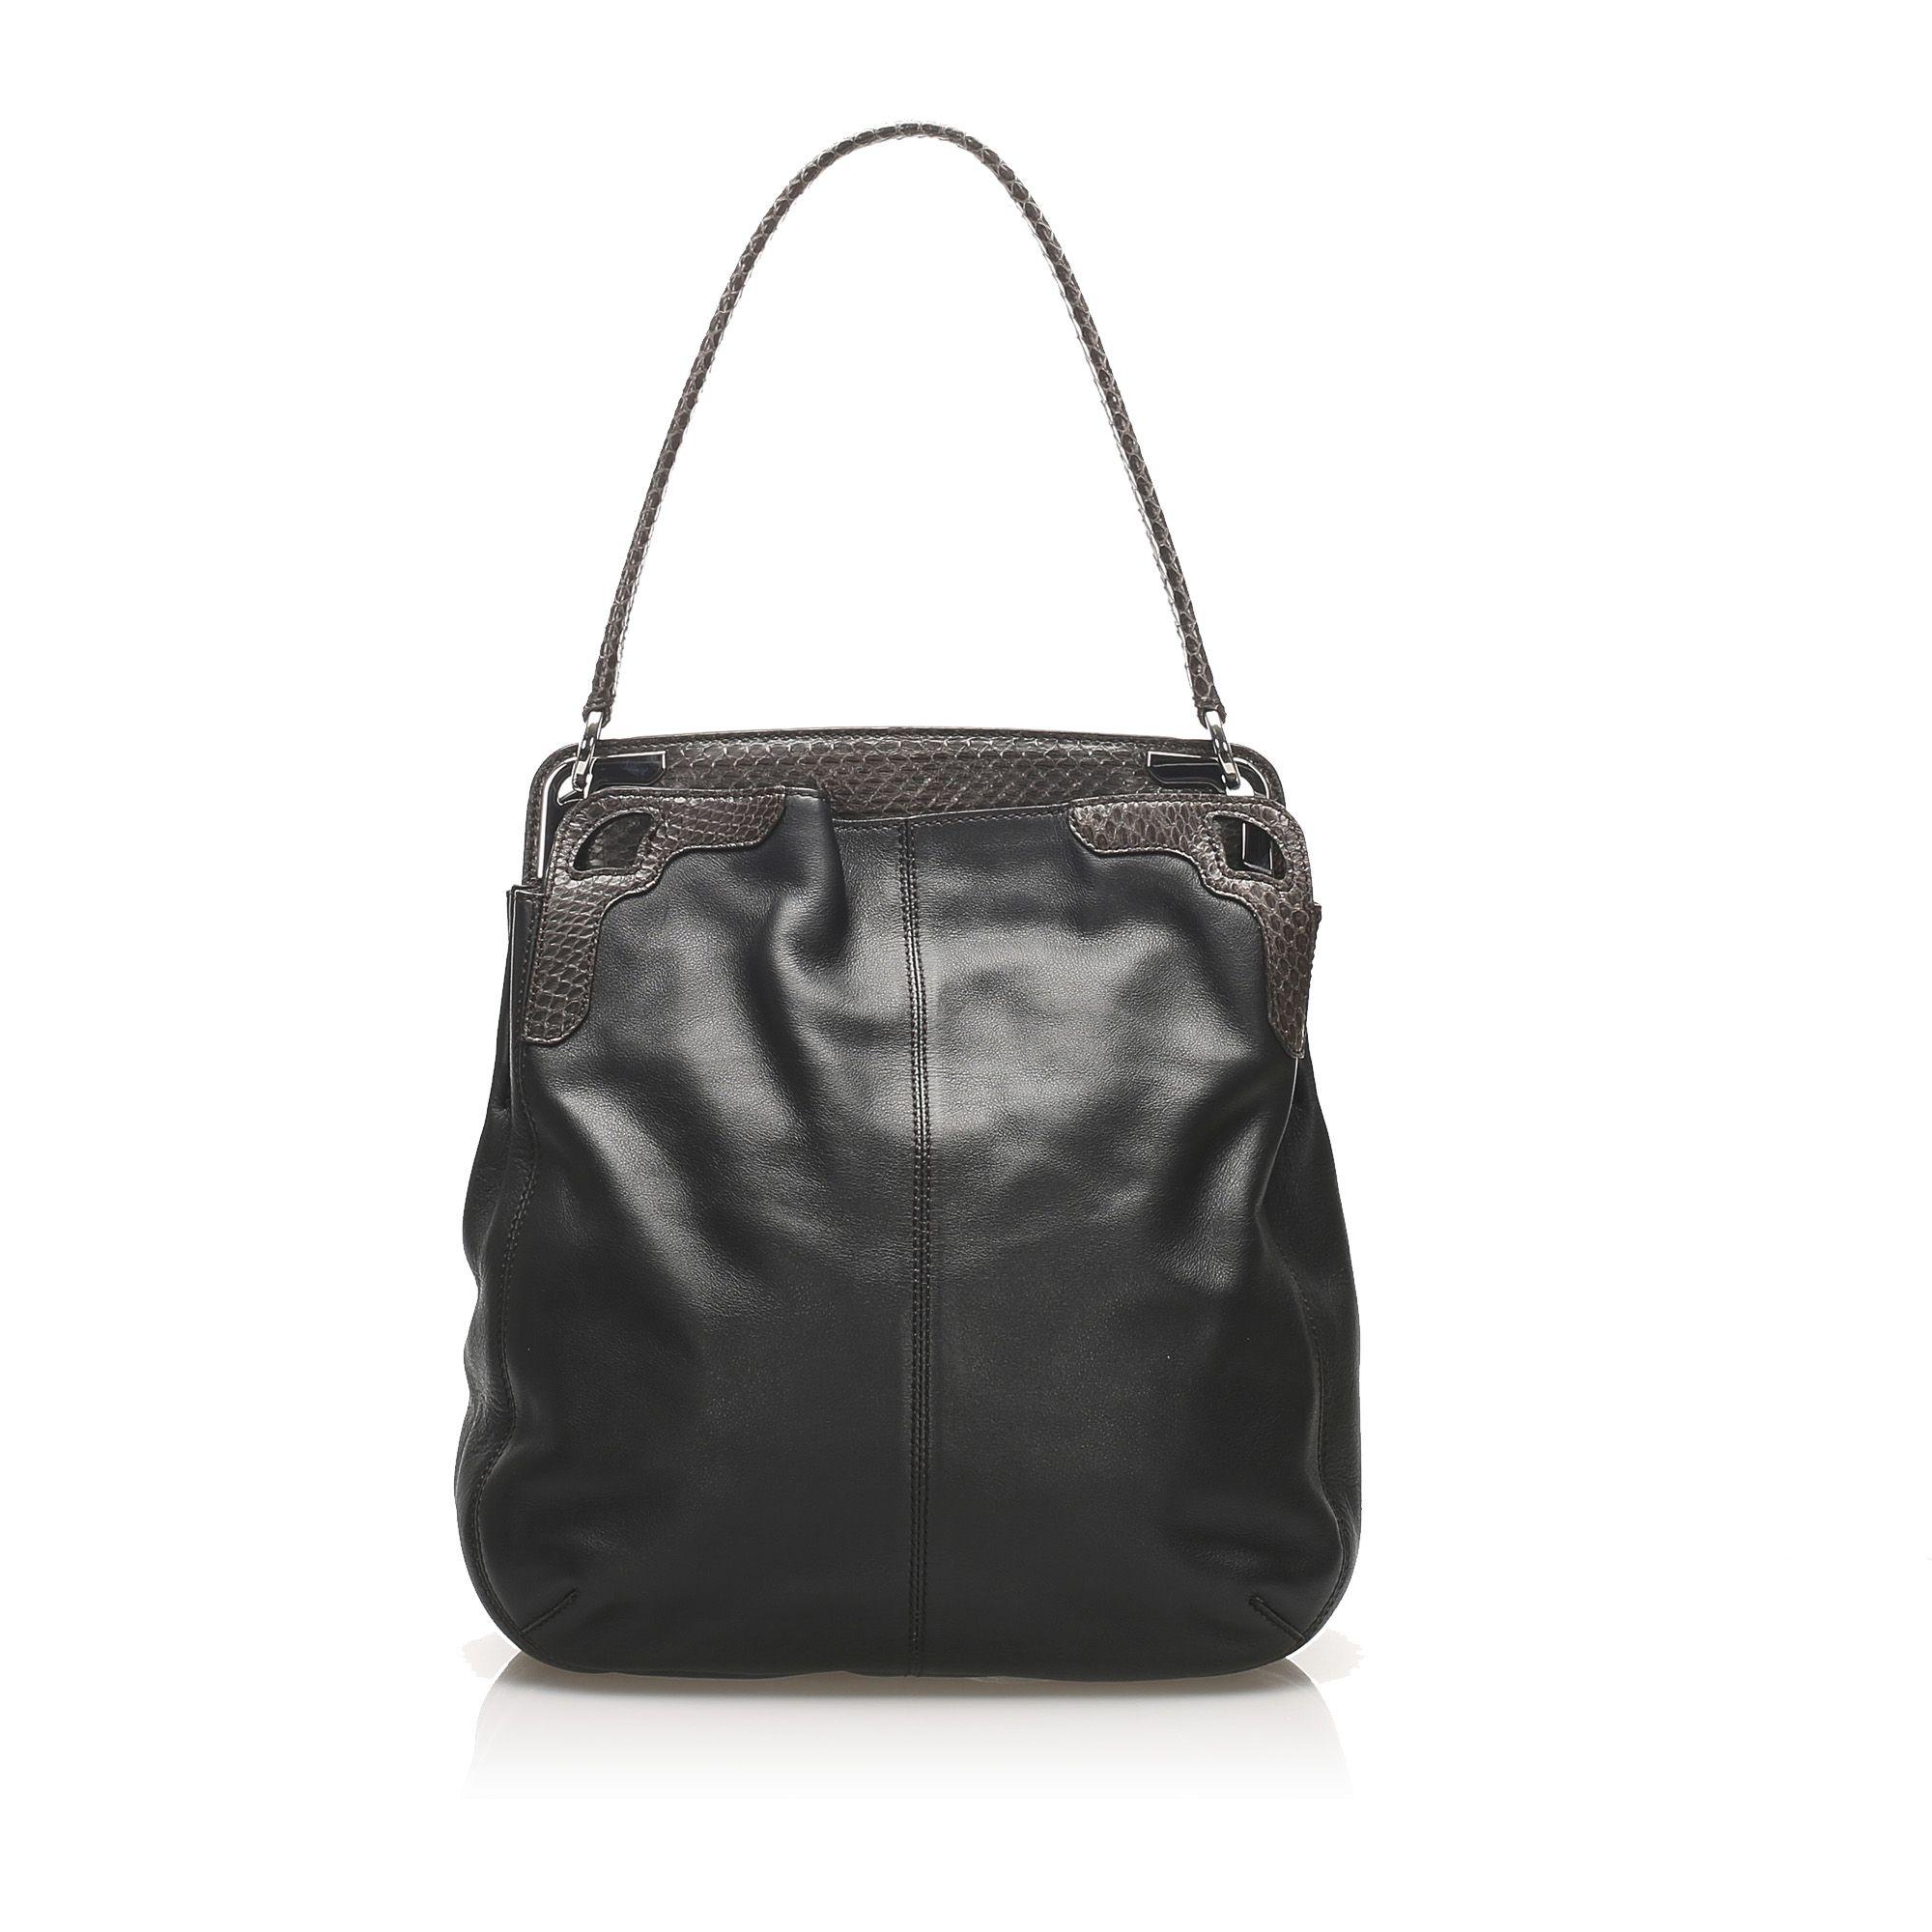 Vintage Cartier Python Leather Shoulder Bag Black